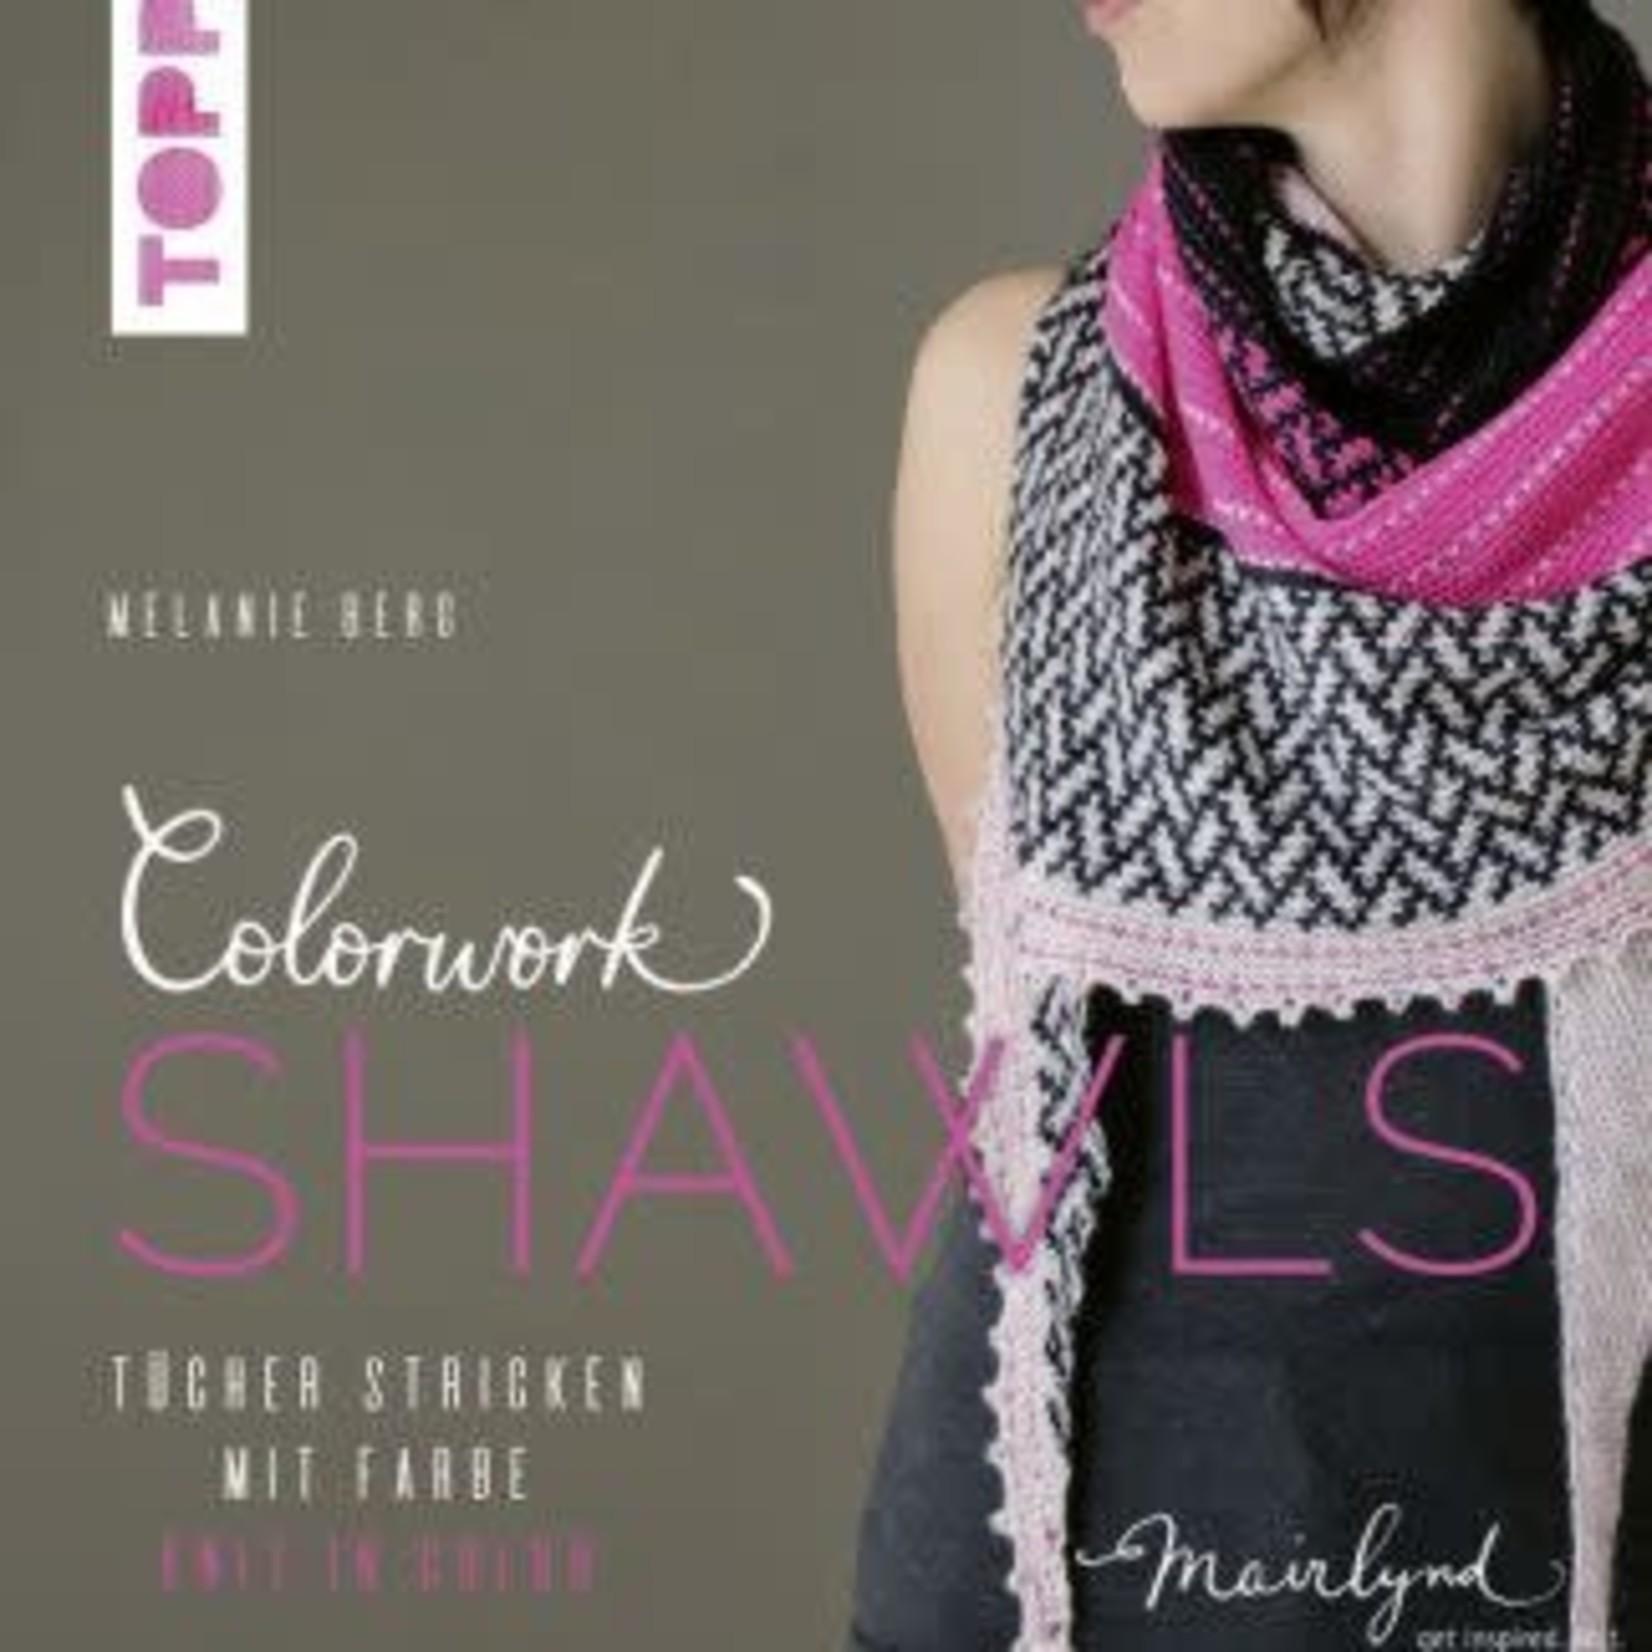 Julie Asselin Colorwork Shawls by Melanie Berg